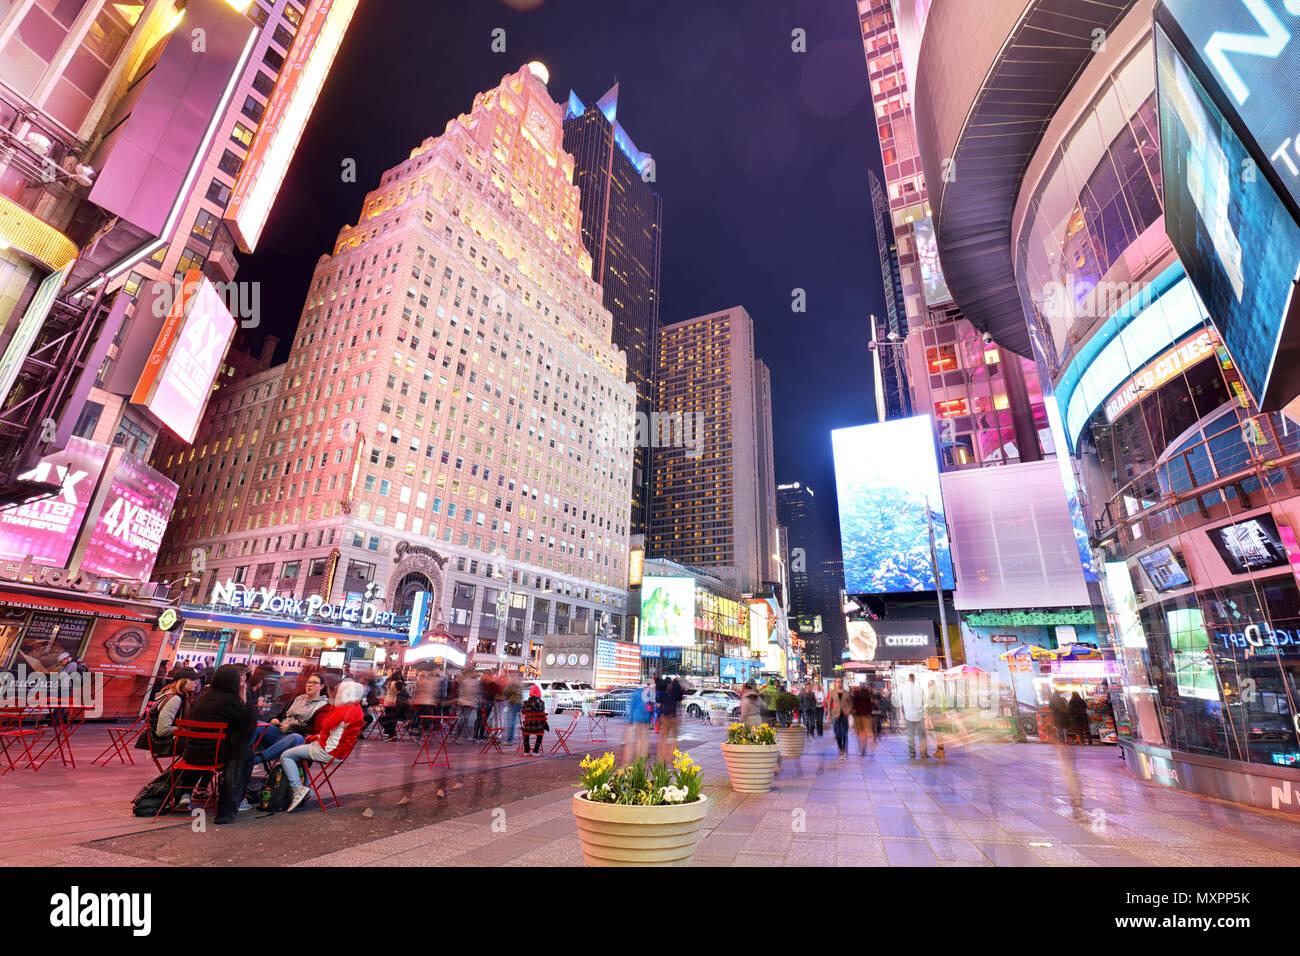 Nueva York, Estados Unidos - 12 de abril: La arquitectura de la famosa Times Square en la ciudad de Nueva York, EE.UU., con sus luces de neón y paneles en la noche y un montón de tour Imagen De Stock